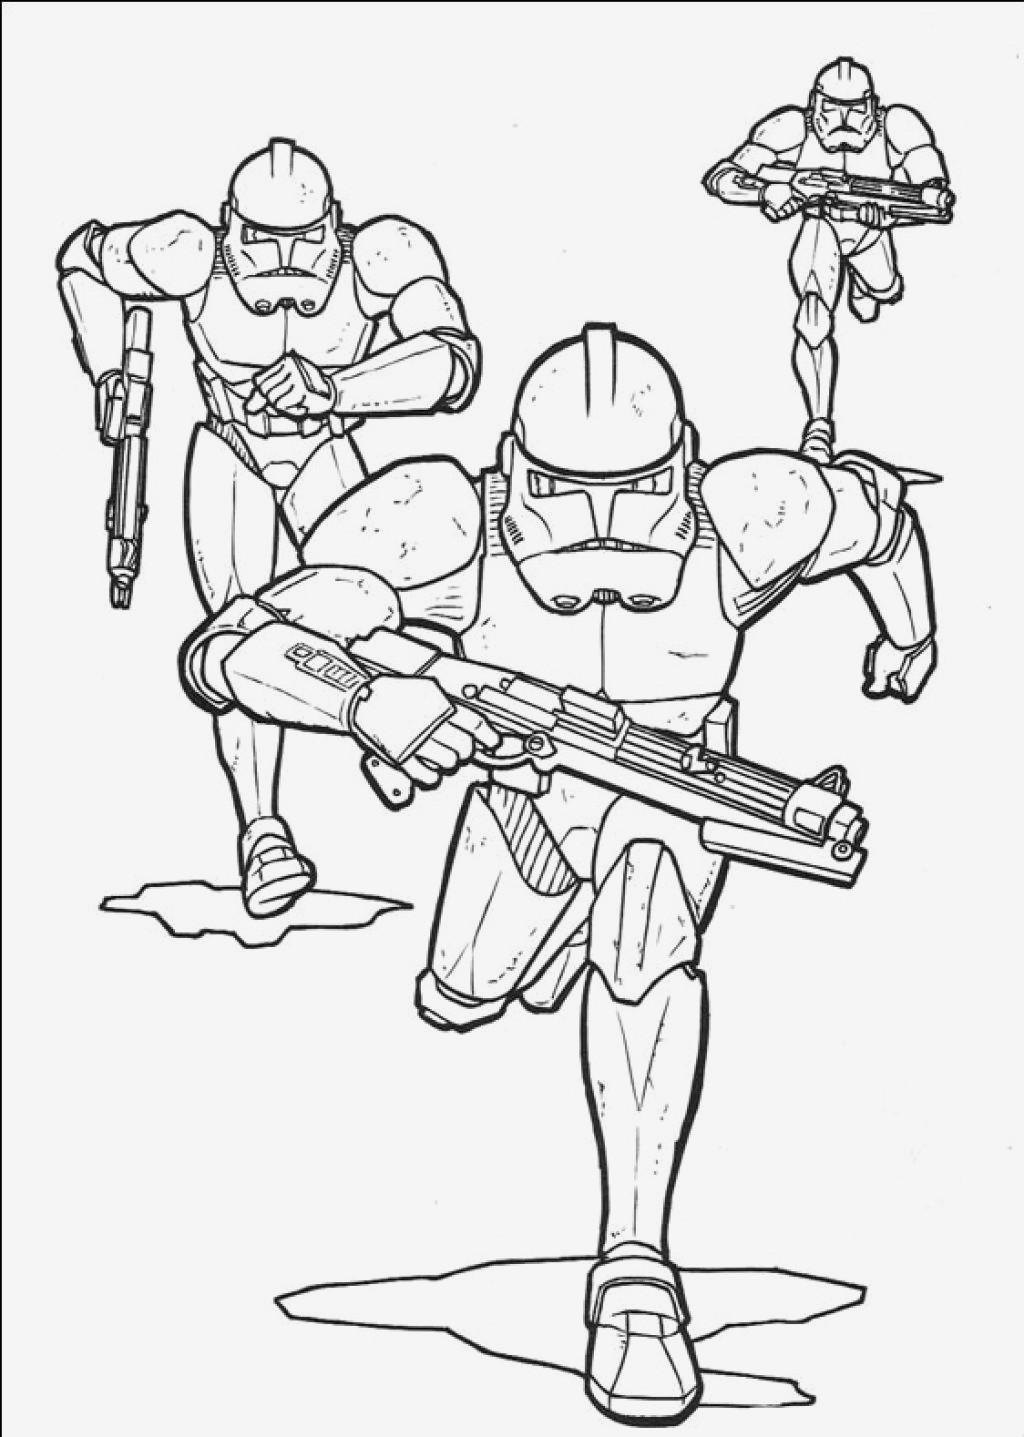 Star Wars the Clone Wars Ausmalbilder Frisch Malvorlagen Star Wars Kostenlos Bilder Zum Ausmalen Bekommen Star Bild